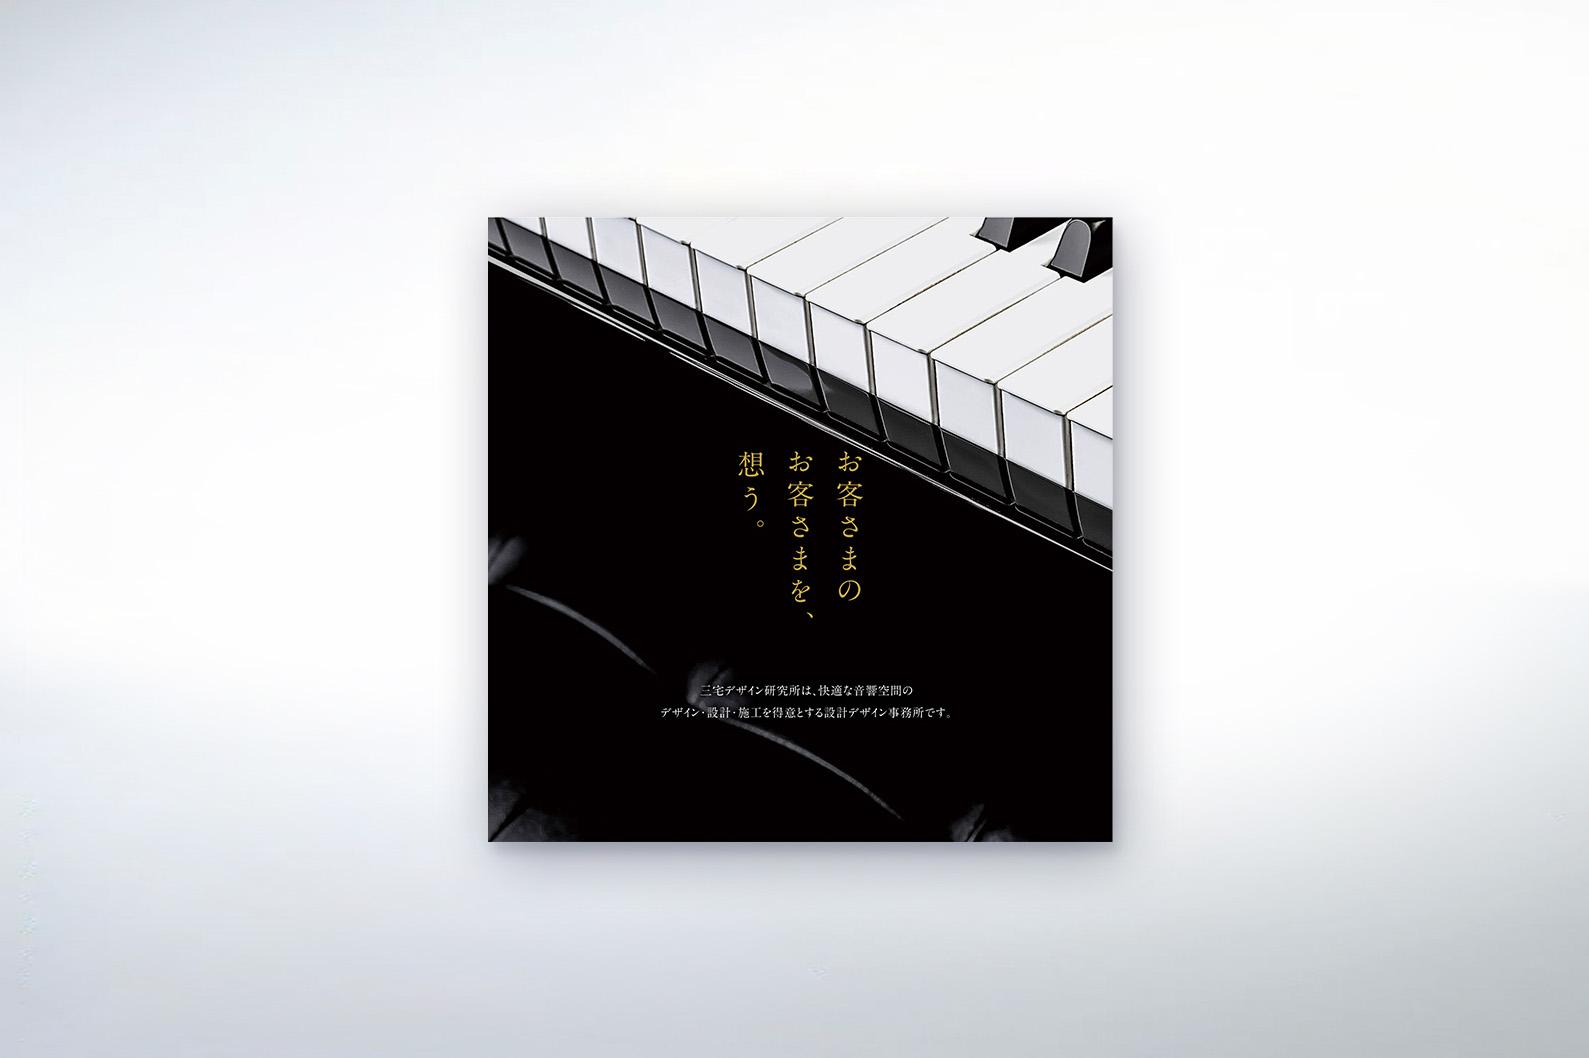 三宅デザイン研究所_企業案内DM冊子表